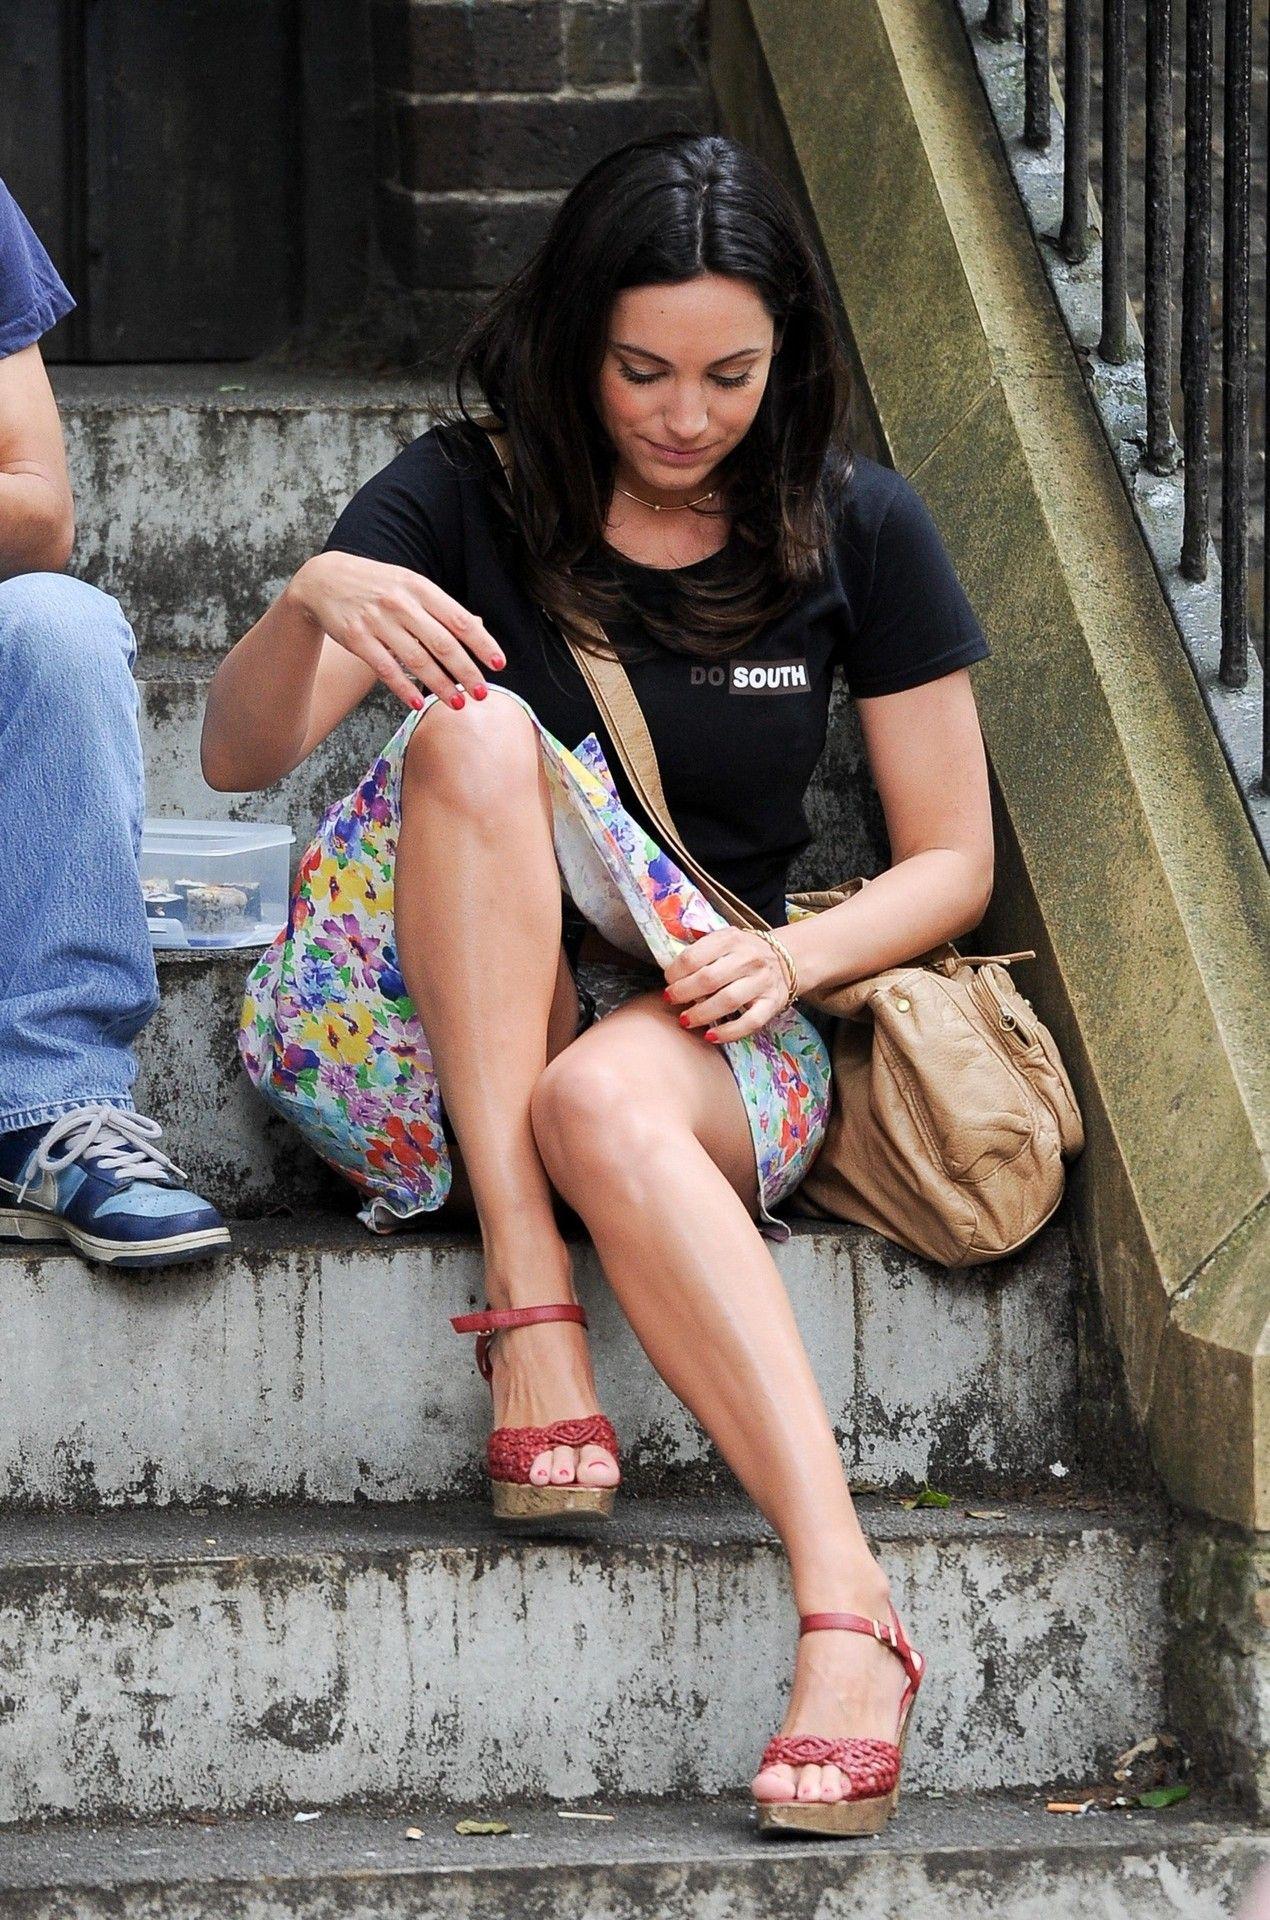 Wallpapers Women Upskirt Tumblr Mpcehjvprrto 1270x1920 778035 Women Upskirt